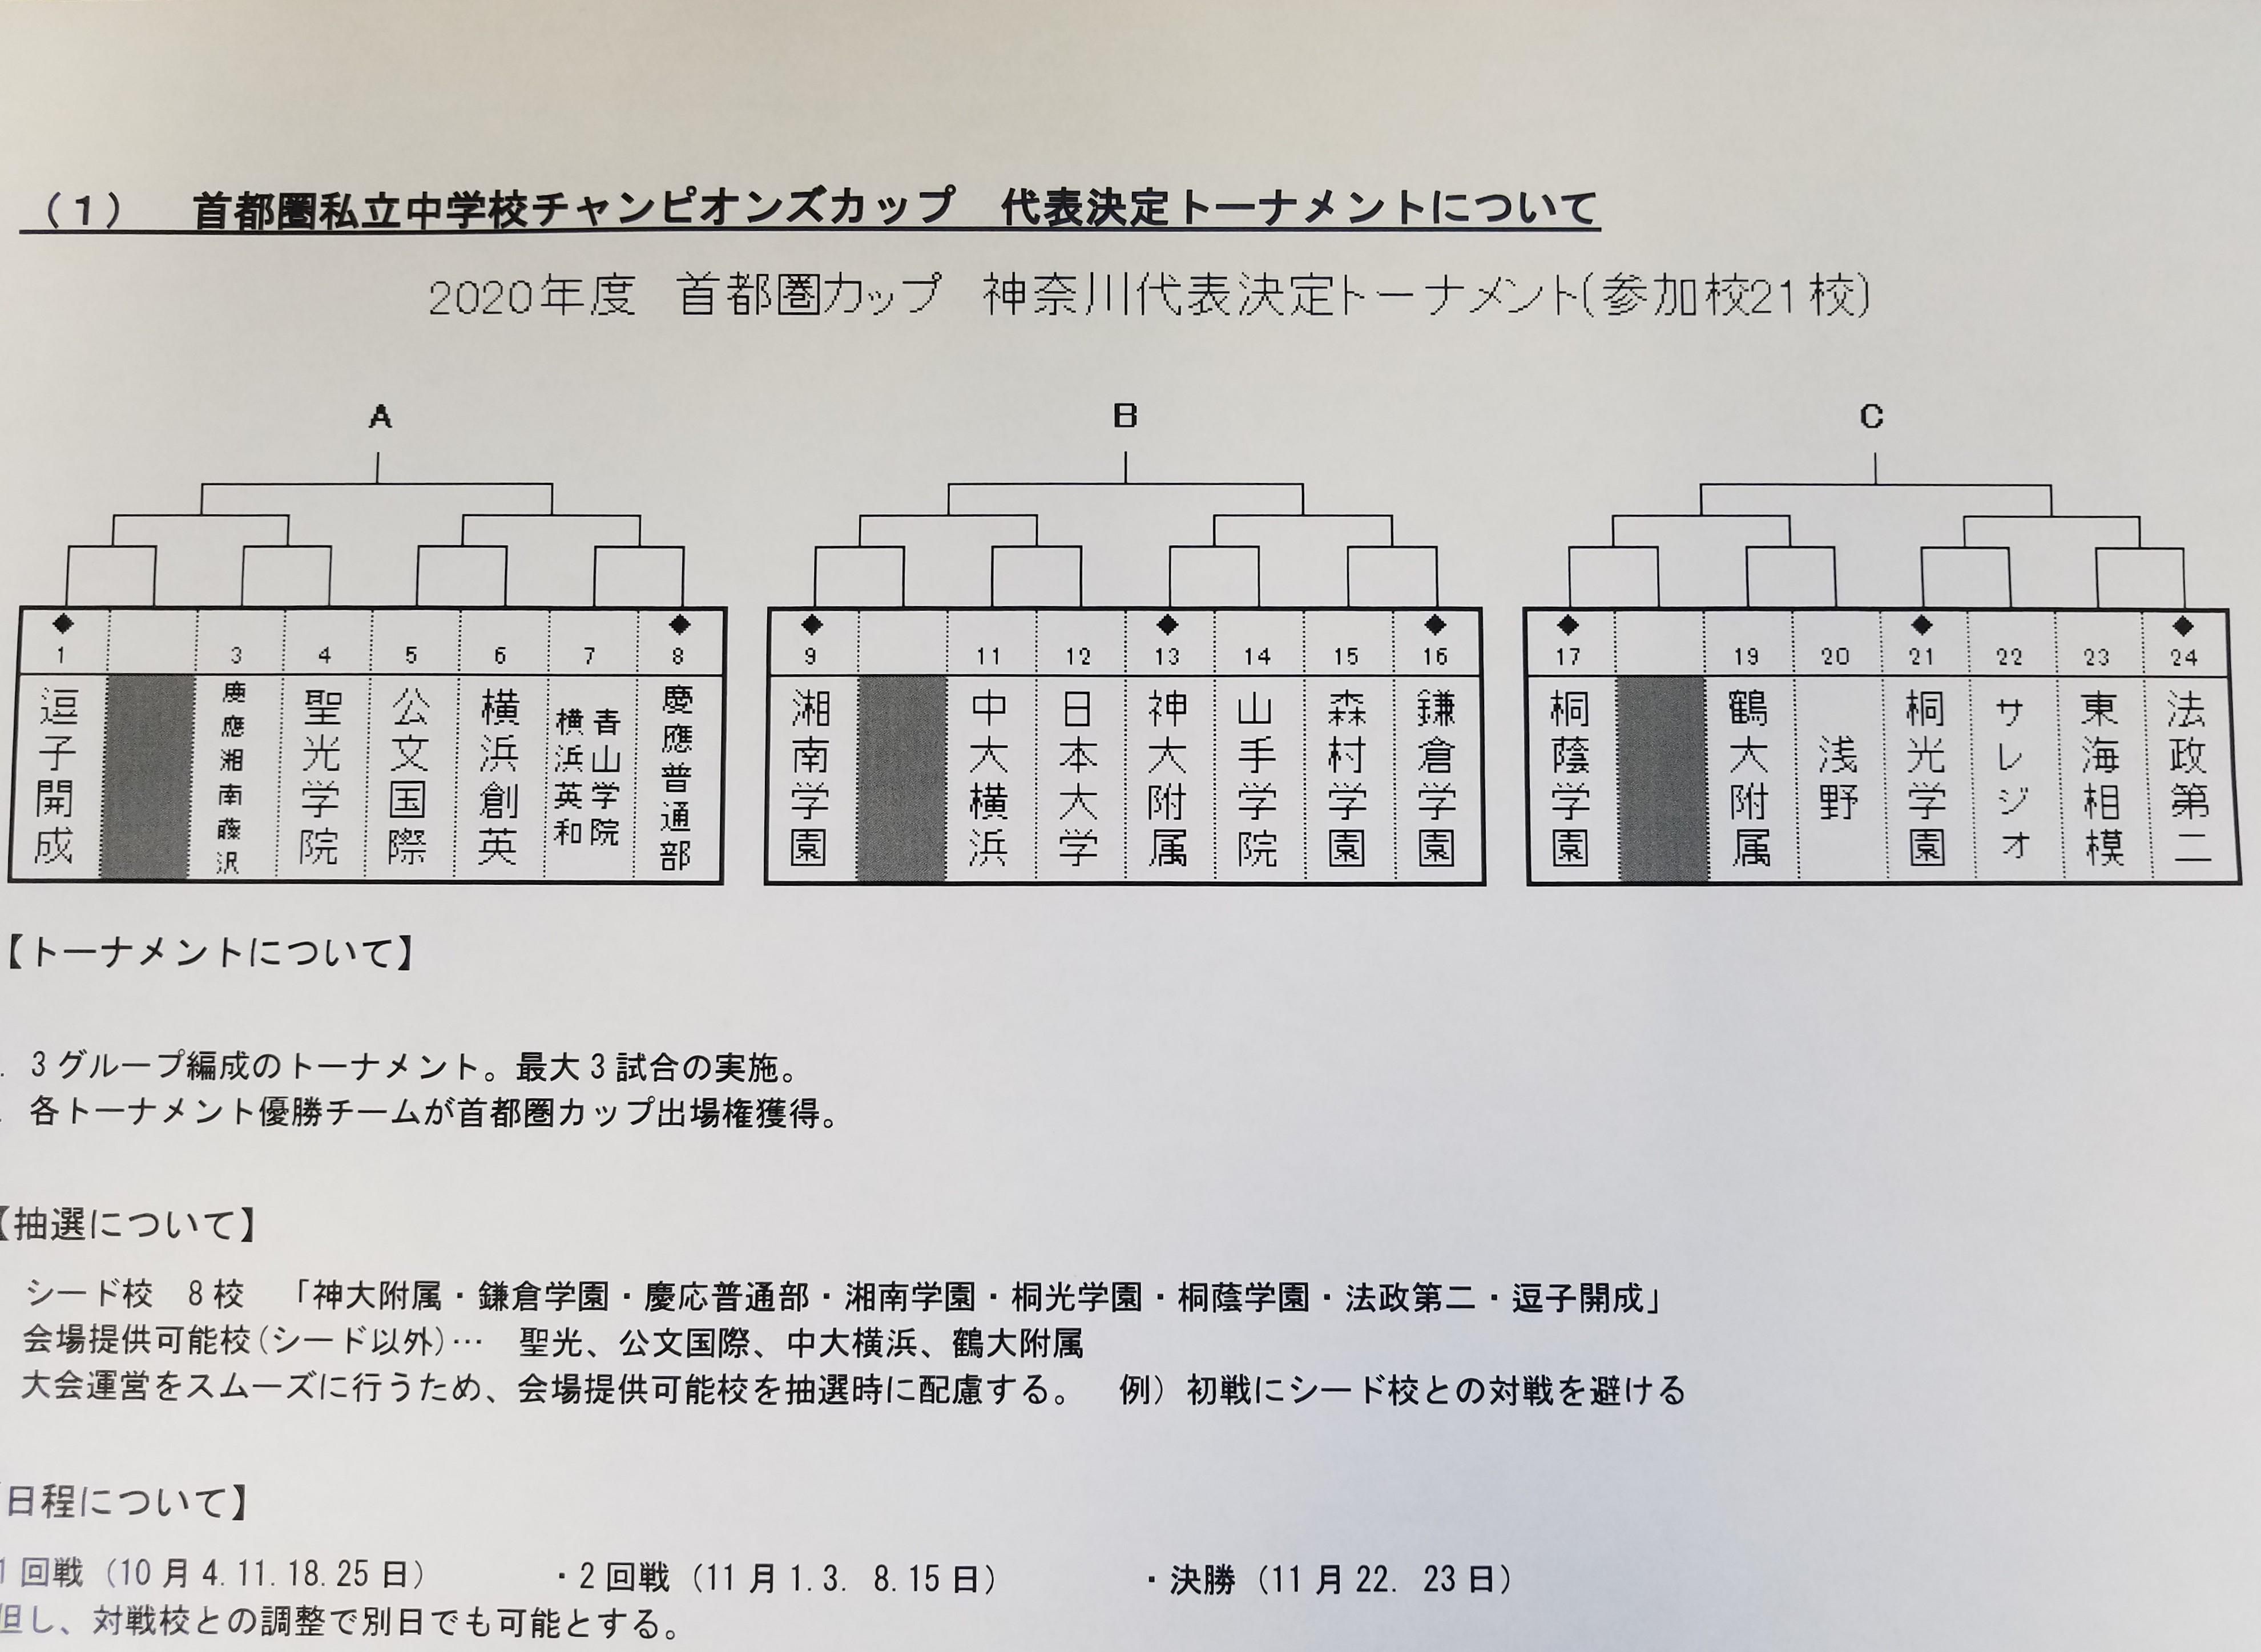 2020神奈川大会組み合わせ